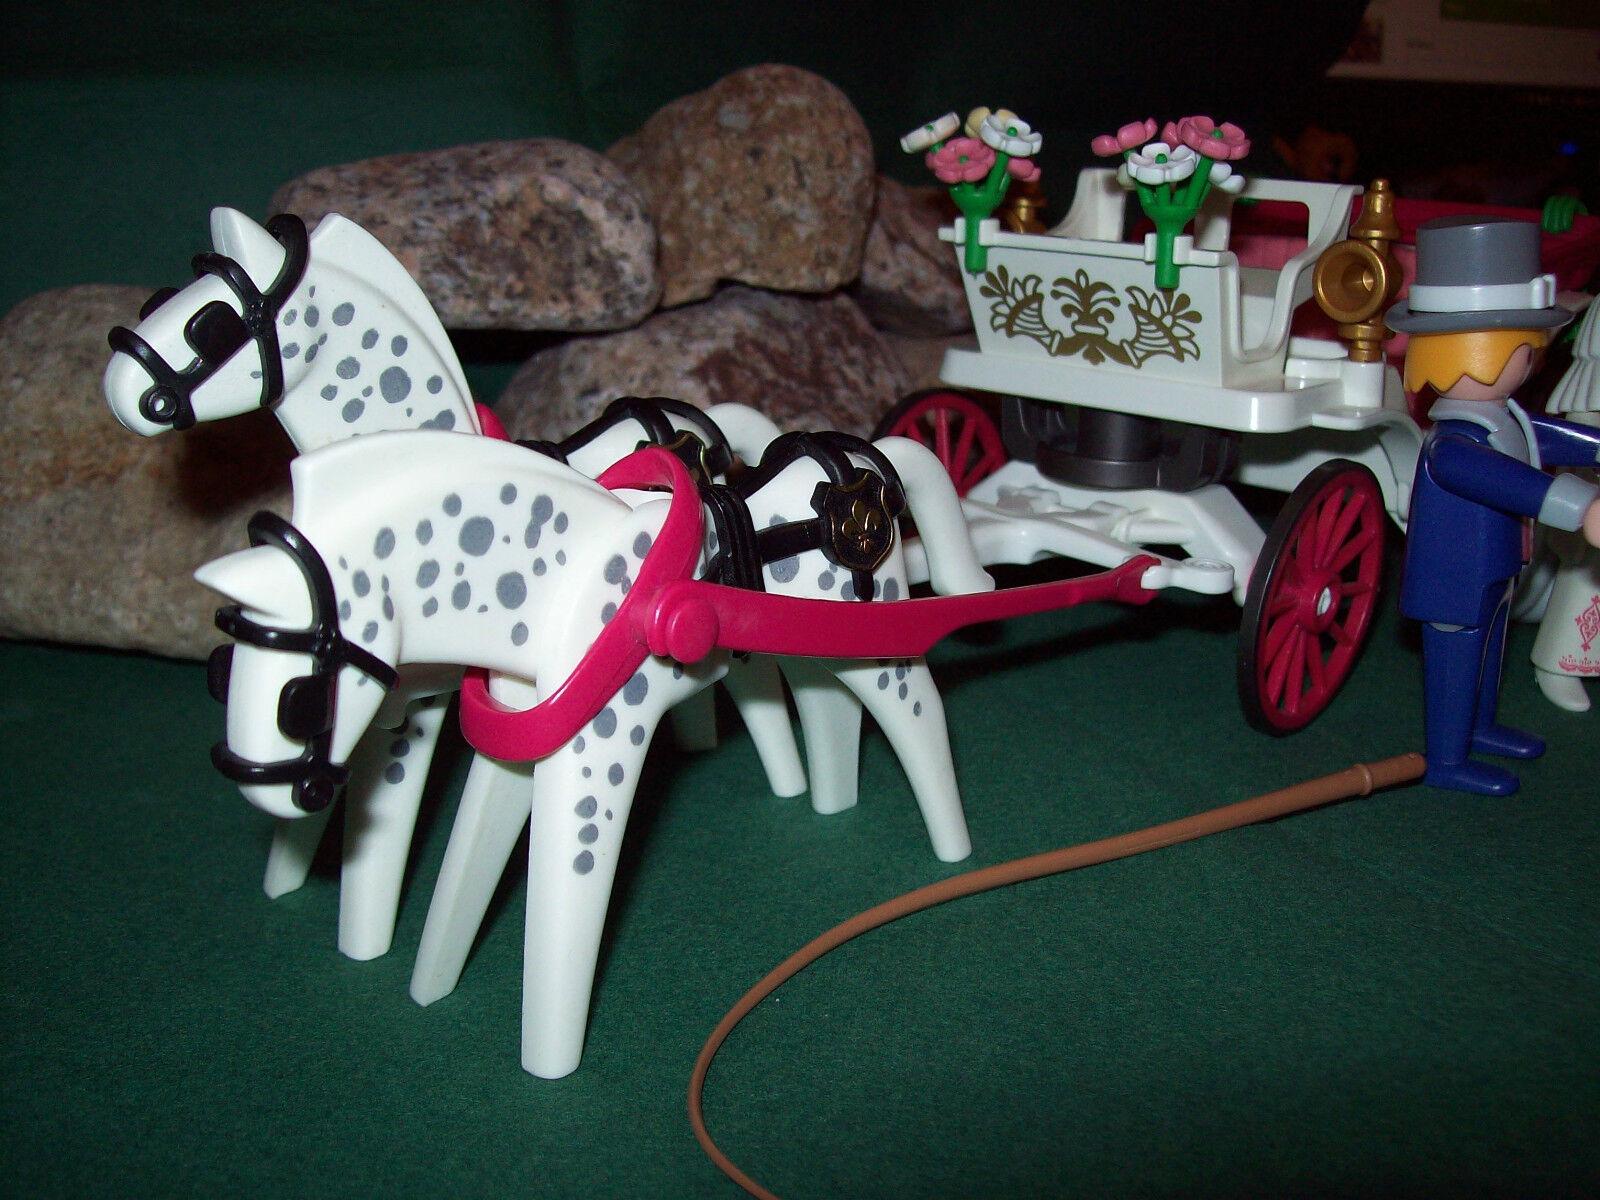 Playmobil Nostalgie-Hochzeitskutsche 7261 II mit Brautpaar 5509-A 5509-A 5509-A 1995 o.OVP b9a6ca